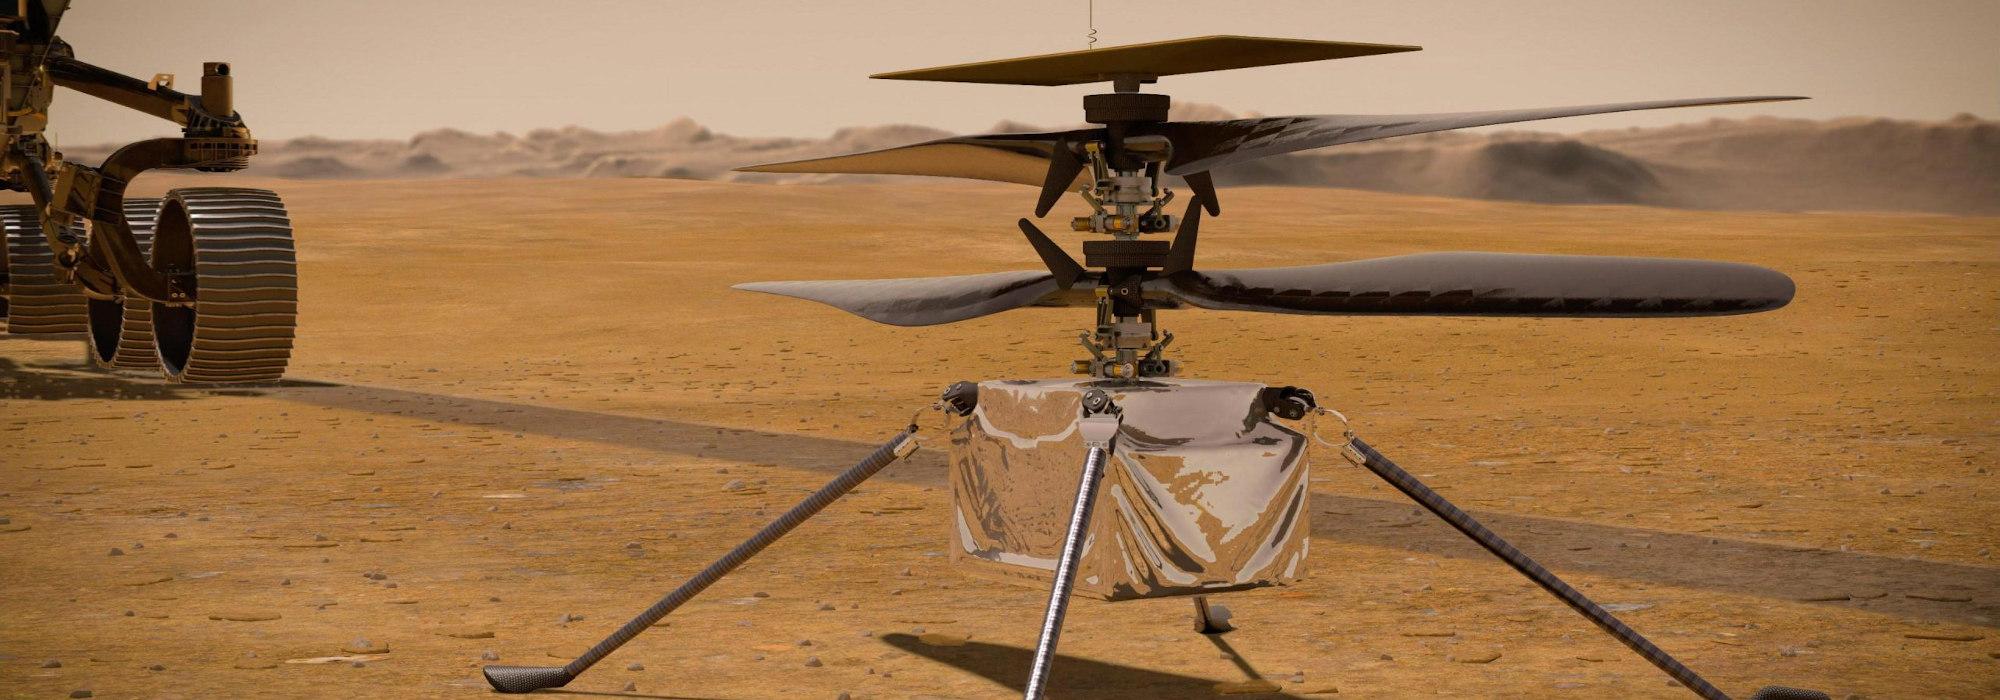 Mars Helikopteri Mars'ta